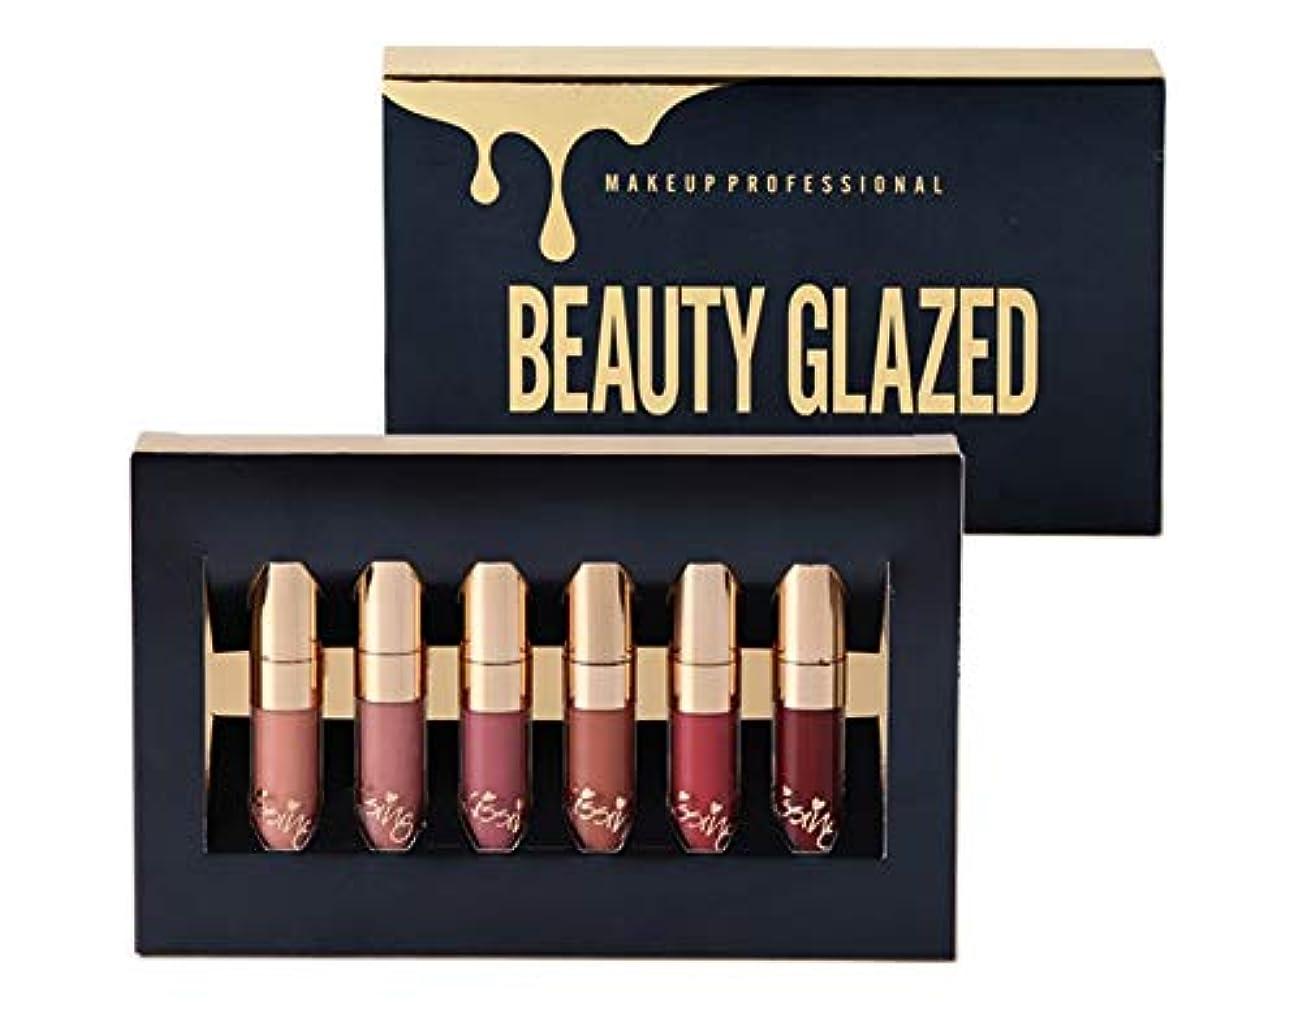 進む死にかけている鋭くBEAUTY GLAZED 6Pcs/set Liquid Matte Lipstick Easy To Wear Long-lasting Lip Gloss Waterproof Nude Lip Lipsticks Make up